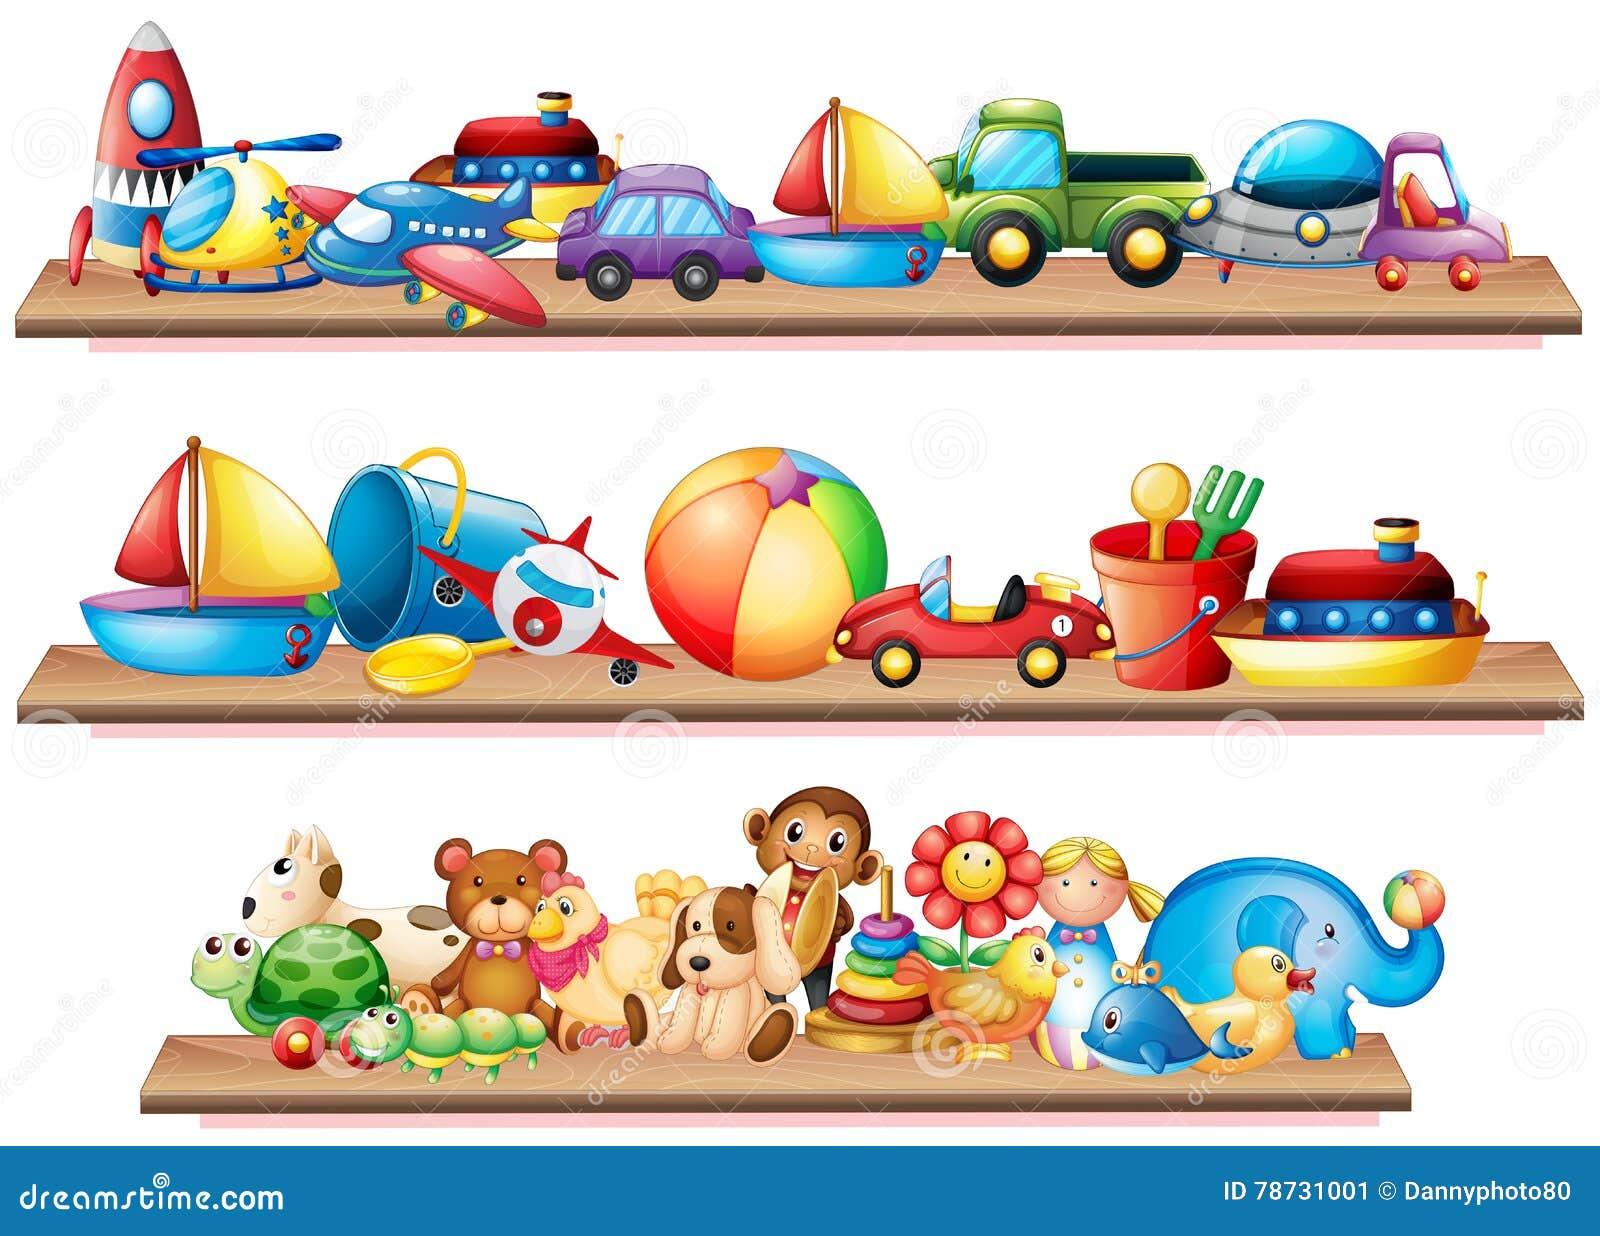 Många leksaker på trähyllor